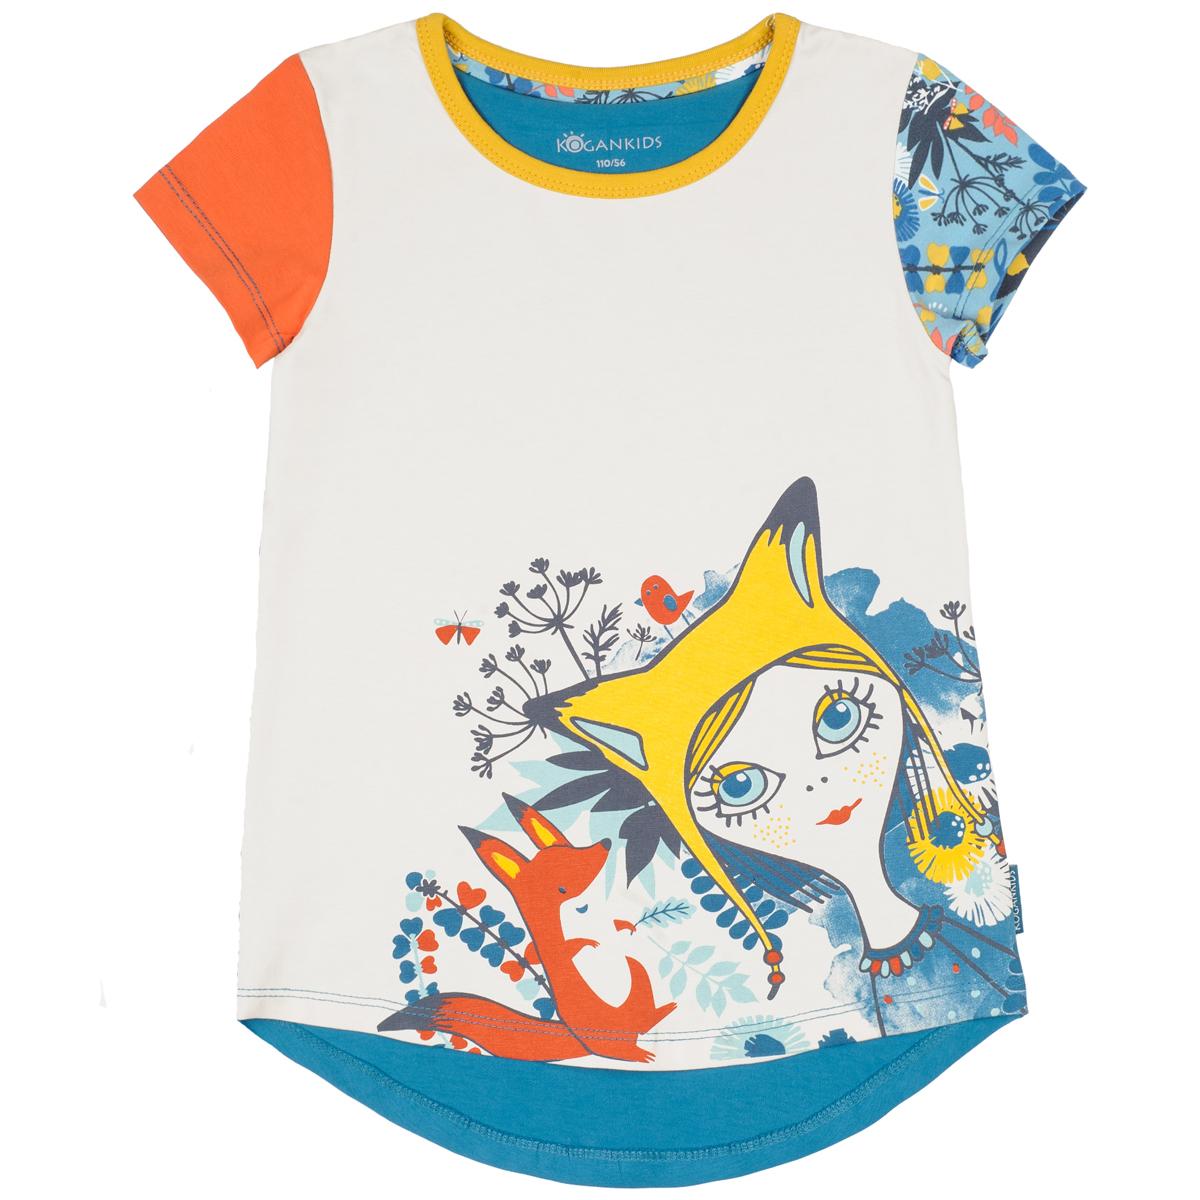 Футболка KogankidsКомбинированная футболка для девочки выполнена из натурального хлопка. Удлиненная спинка. Сочетайте с леггинсами или джинсами. Для маленьких размеров 80-98 предусмотрена плечевая застежка на кнопки для удобства одевания.<br>Размер: 104, 110, 116, 122, 128, 134, 140, 80, 86, 92, 98; Цвет: Серый;